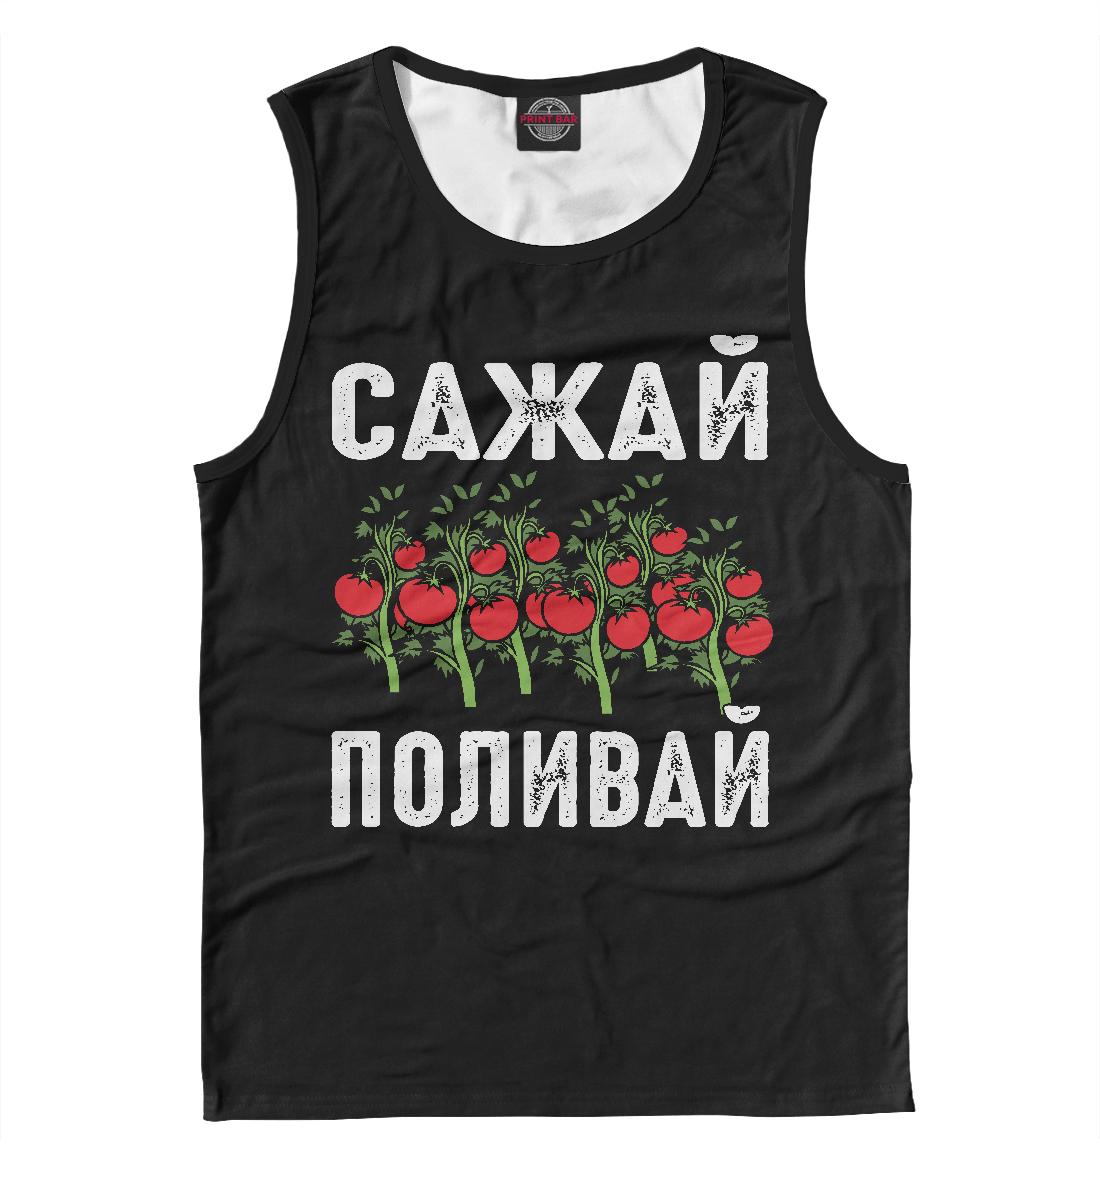 Купить Сажай - Поливай, футболка для дачников, Printbar, Майки, OTR-327321-may-2